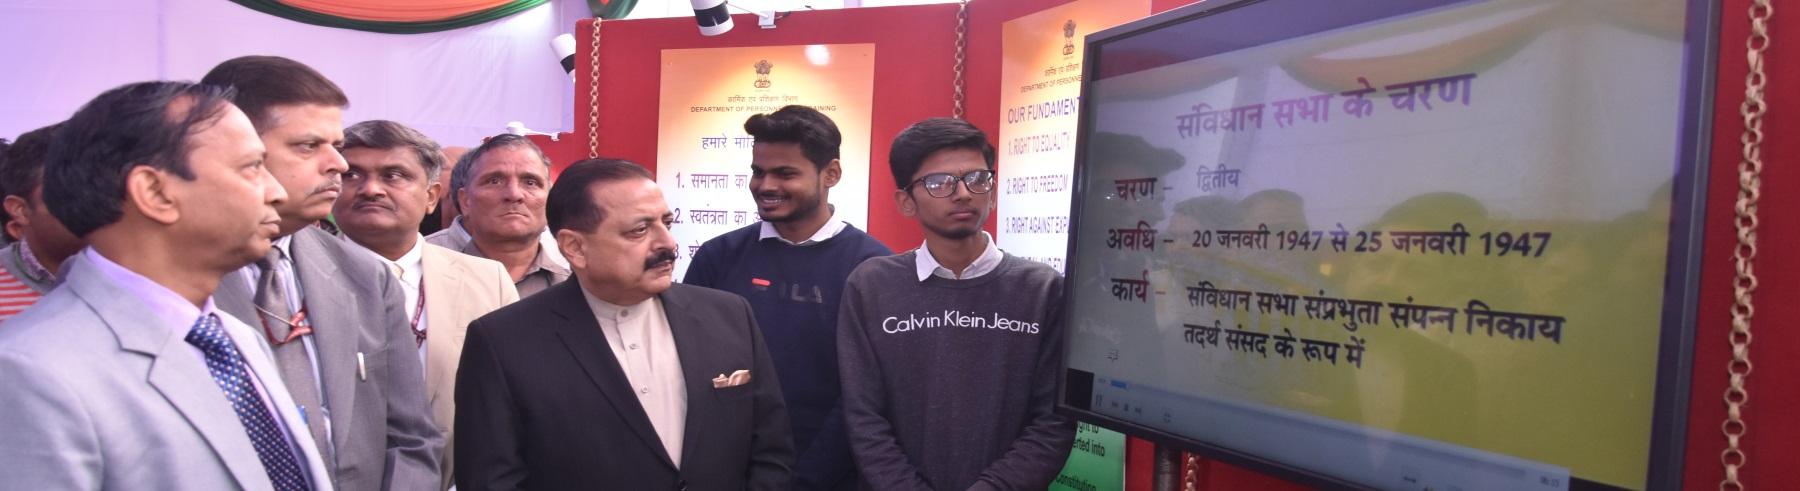 माननीय कार्मिक राज्य मंत्री डा. जितेंद्र सिंह जी के द्वारा भारत के संविधान का इतिहास के बारे में डिजिटल प्रदर्शनी का अवलोकन